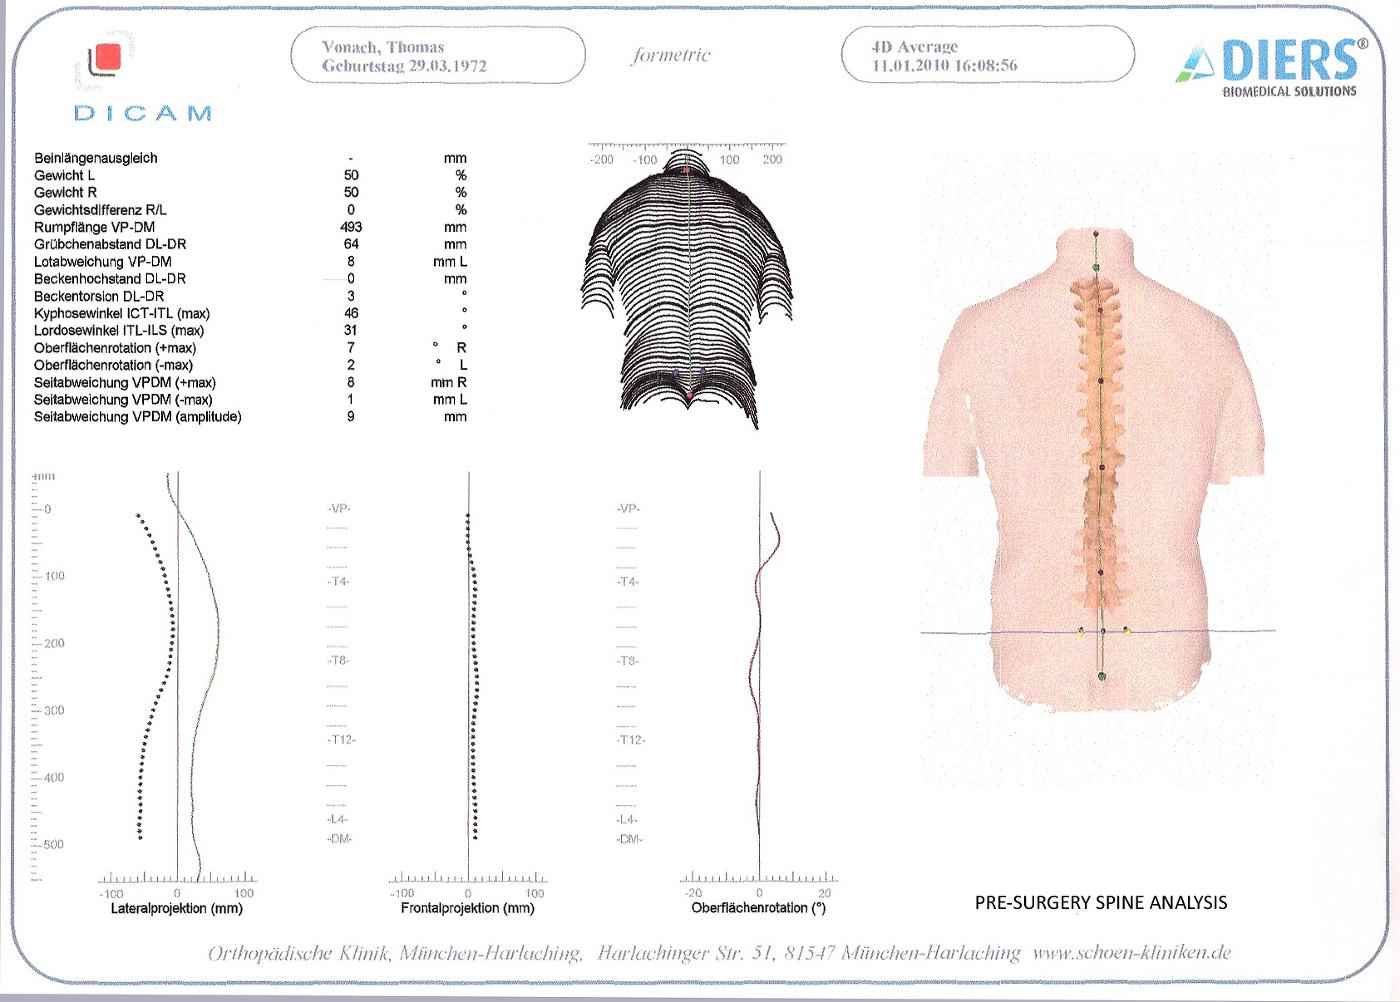 Spine_Details Pre- Surgery_Thomas J. Vonach.jpg